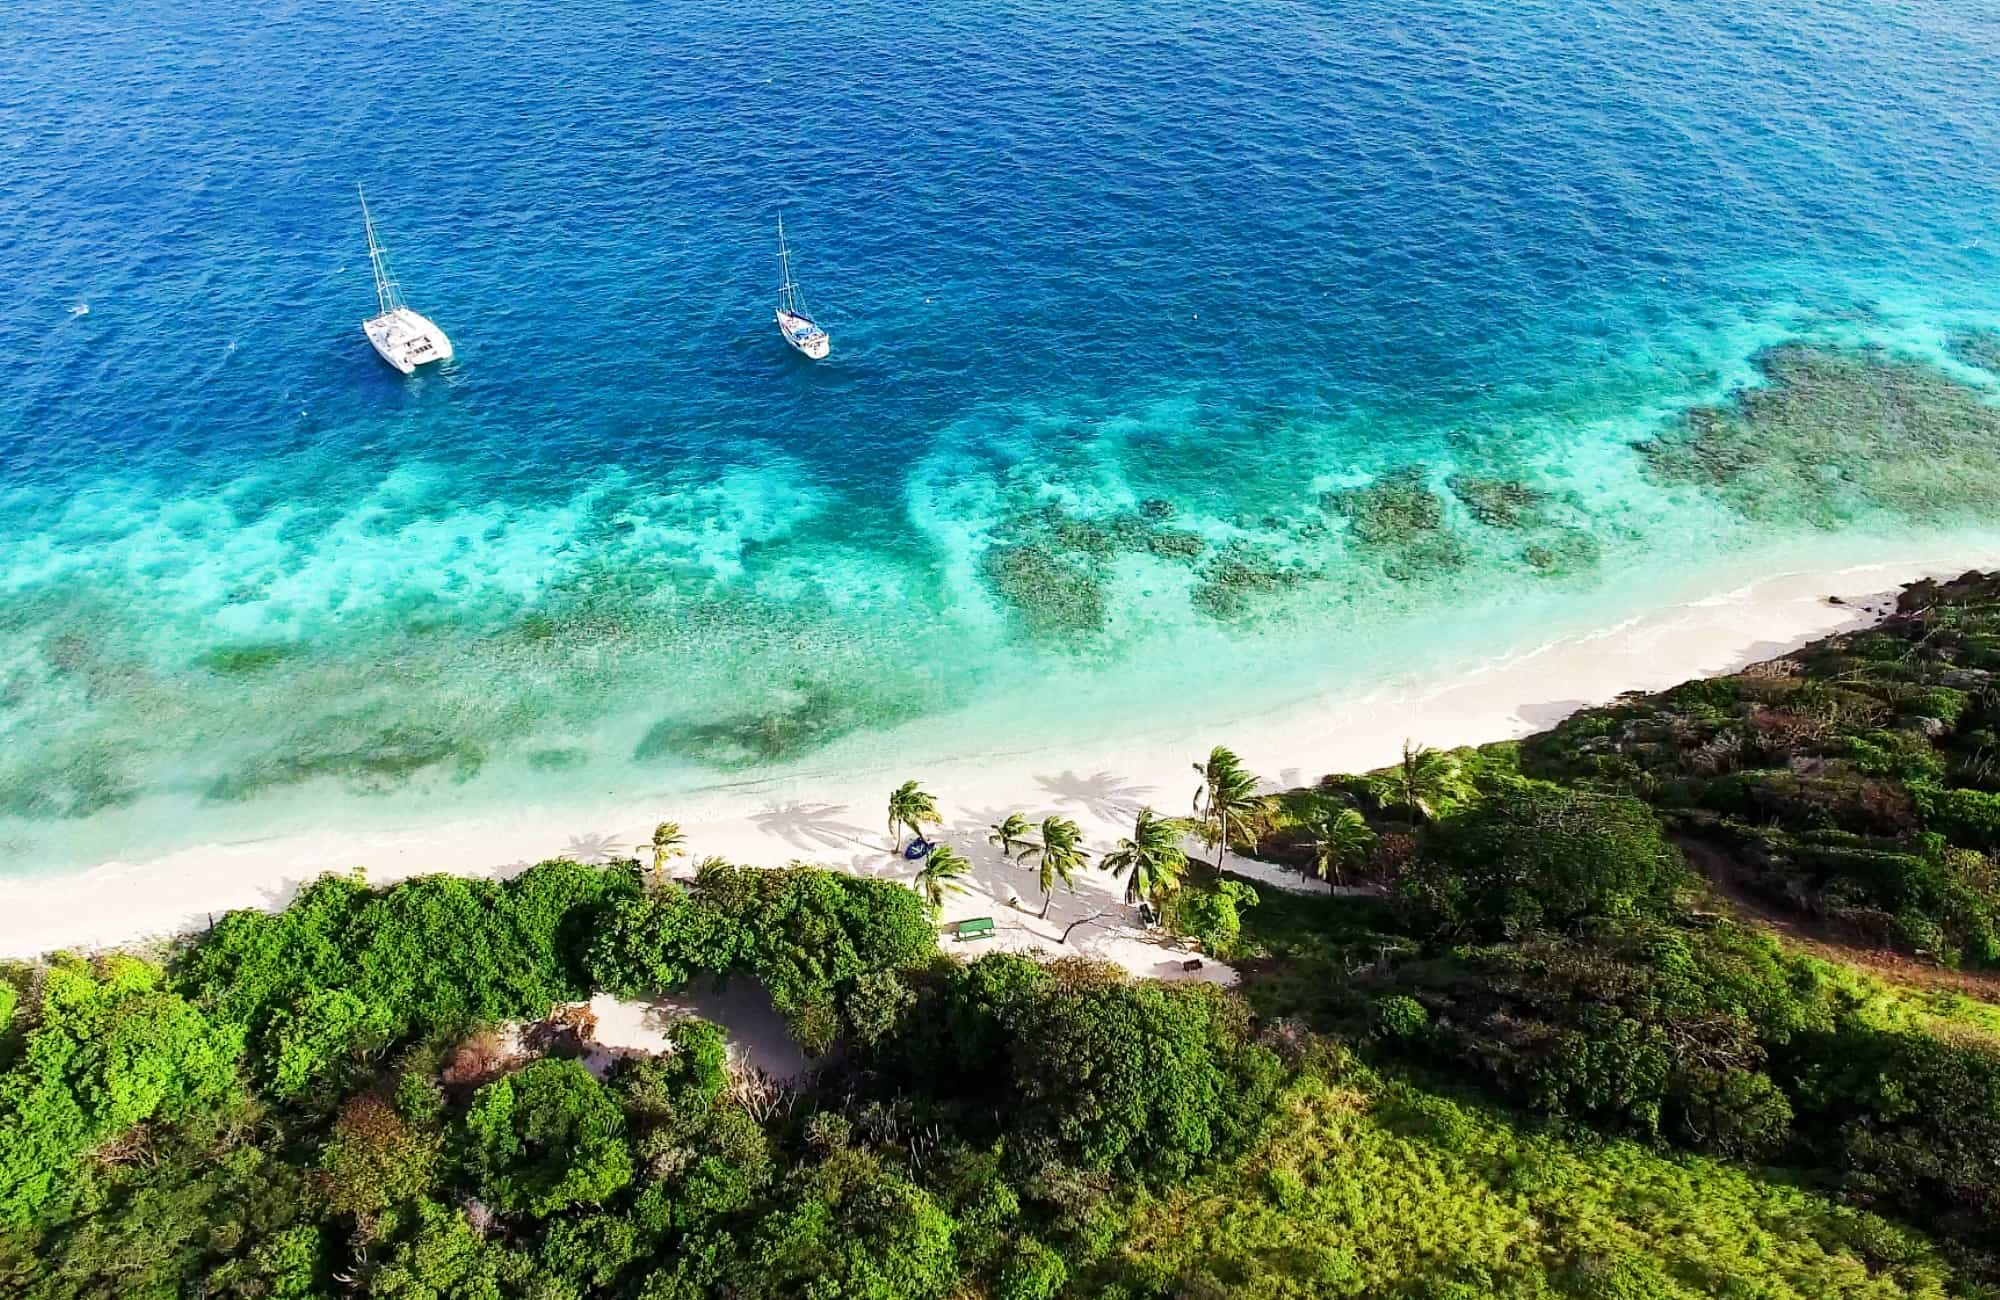 Vue sur l'île Tobago Cays sur l'archipel de Saint-Vincent et les Grenadines